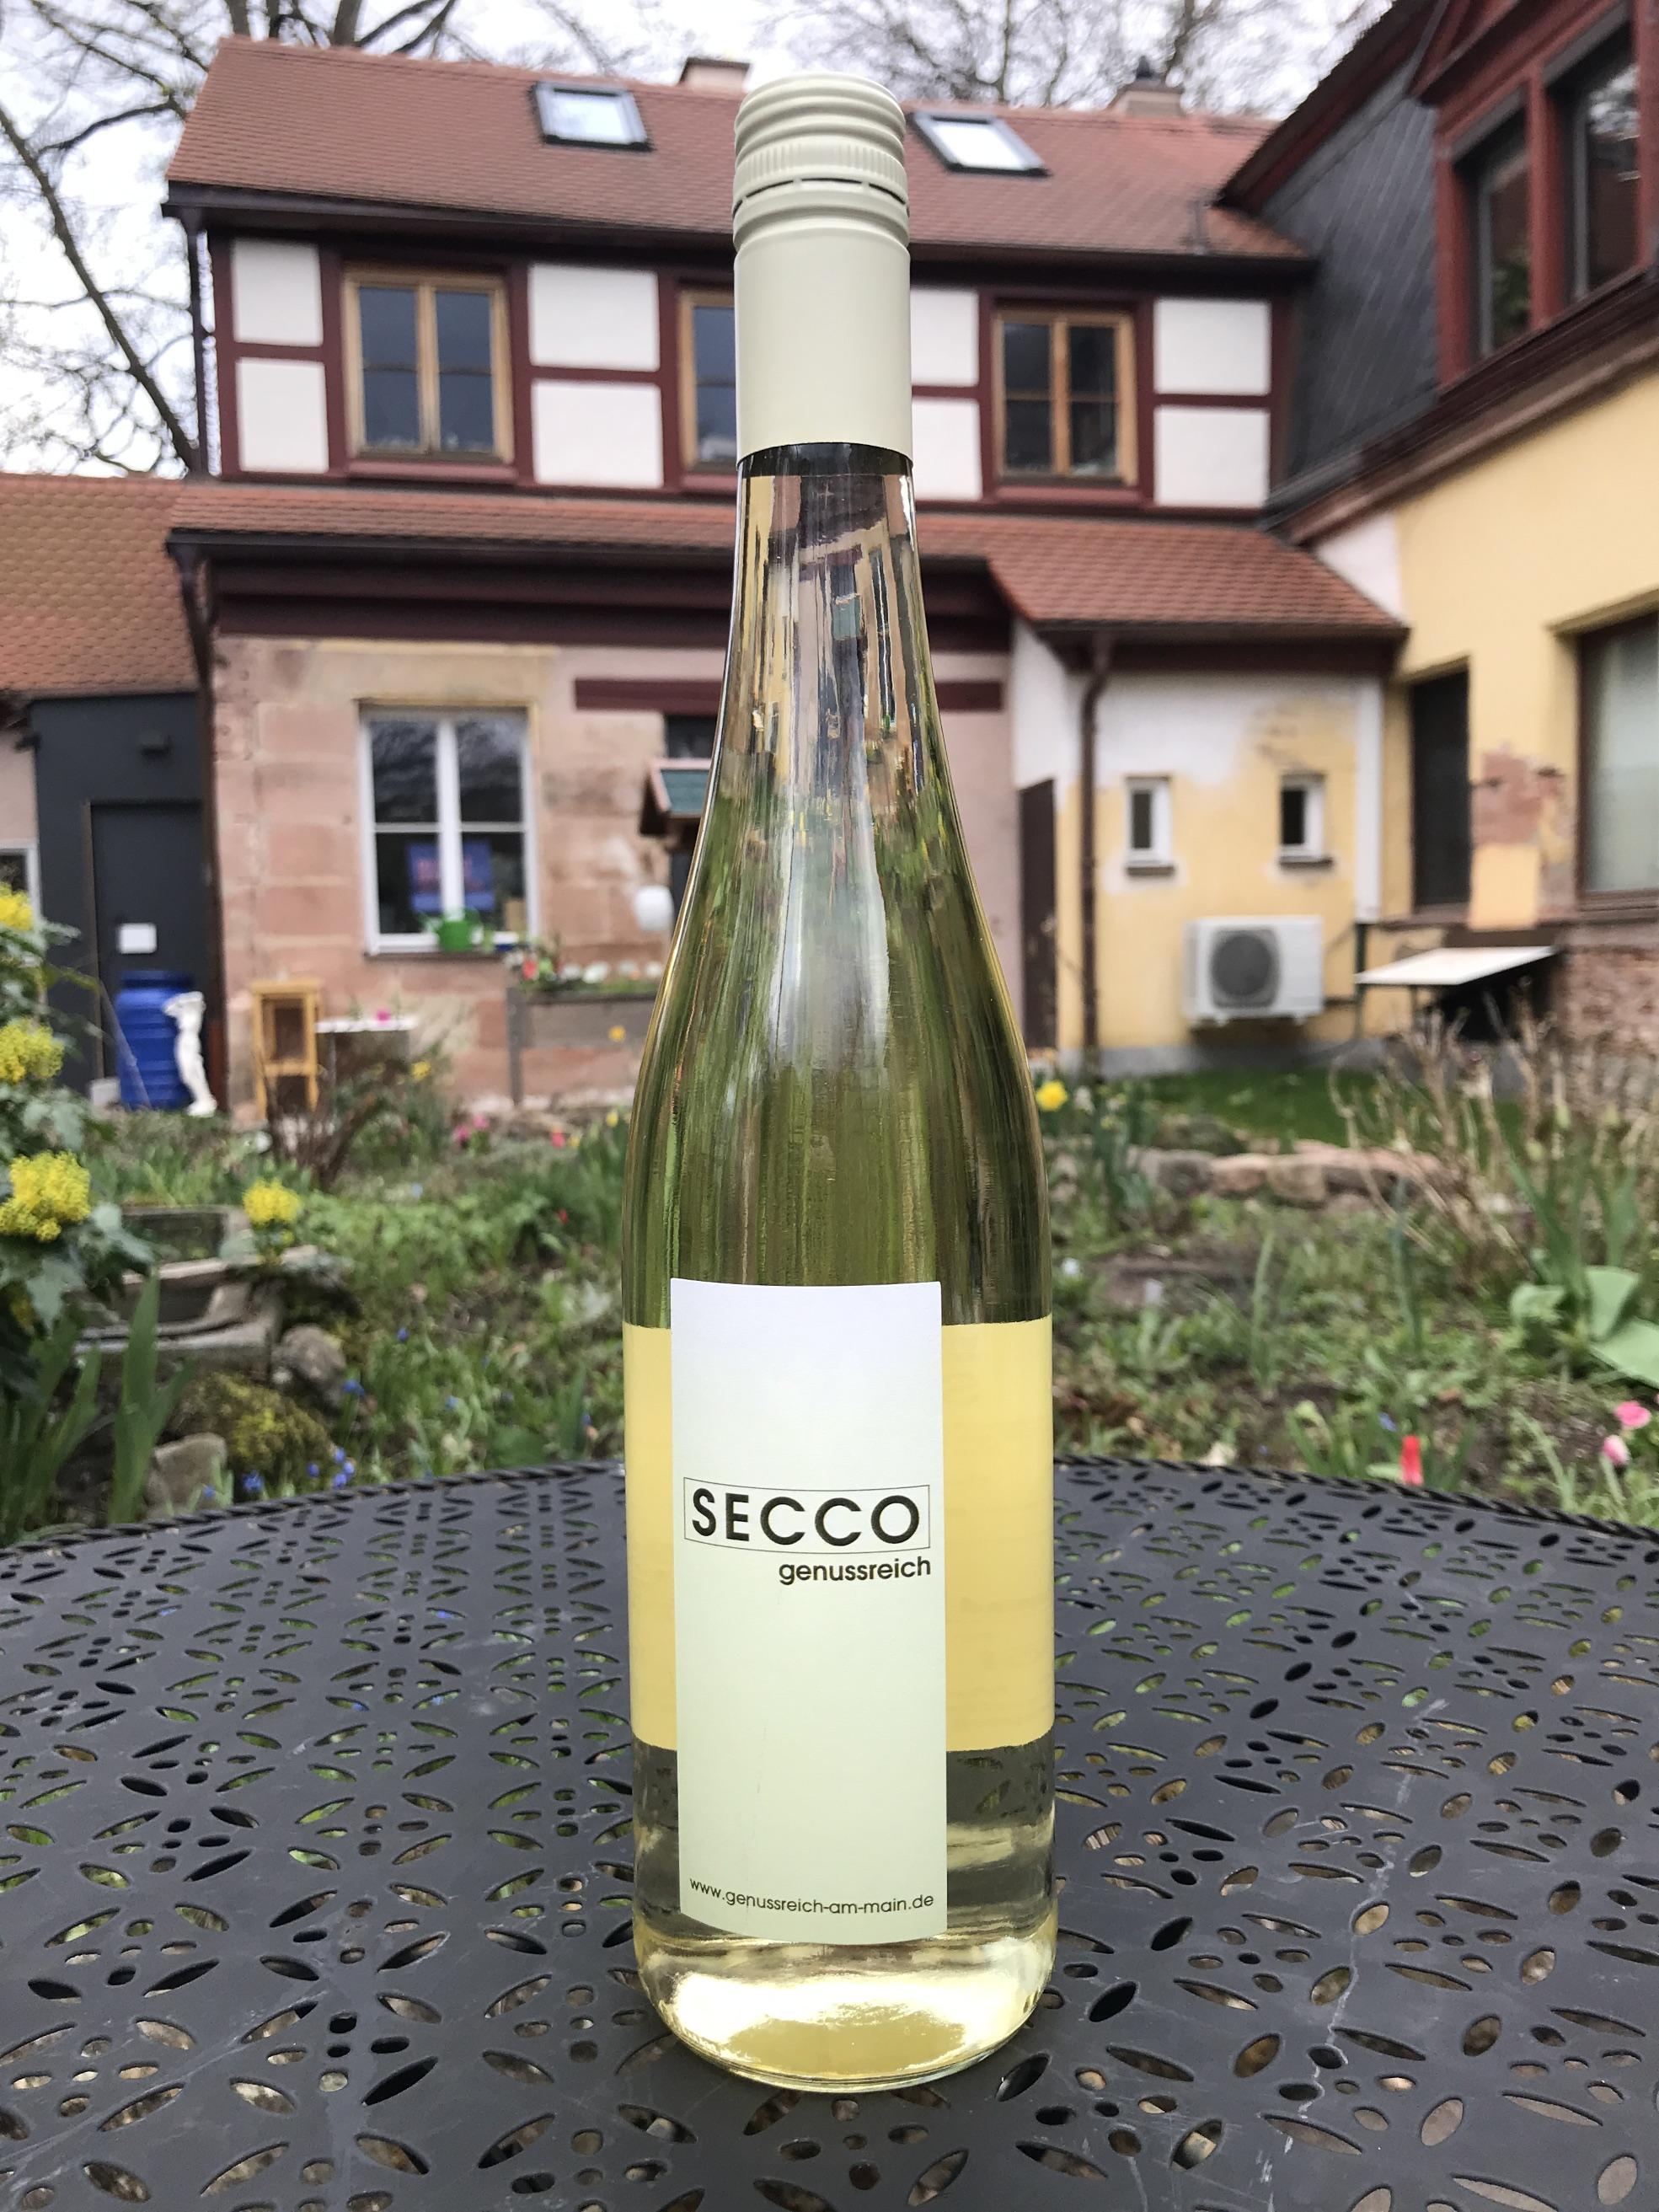 Manchmal muss es spritzig sein. Secco ist die fränkische Antwort auf den italienischen Prosecco. Er profitiert vom kühleren Anbauklima Deutschlands mit mehr Frische und Fruchtigkeit. Unser Secco ist eine Assemblage aus kühlem Helios und fruchtigem Bacchus.